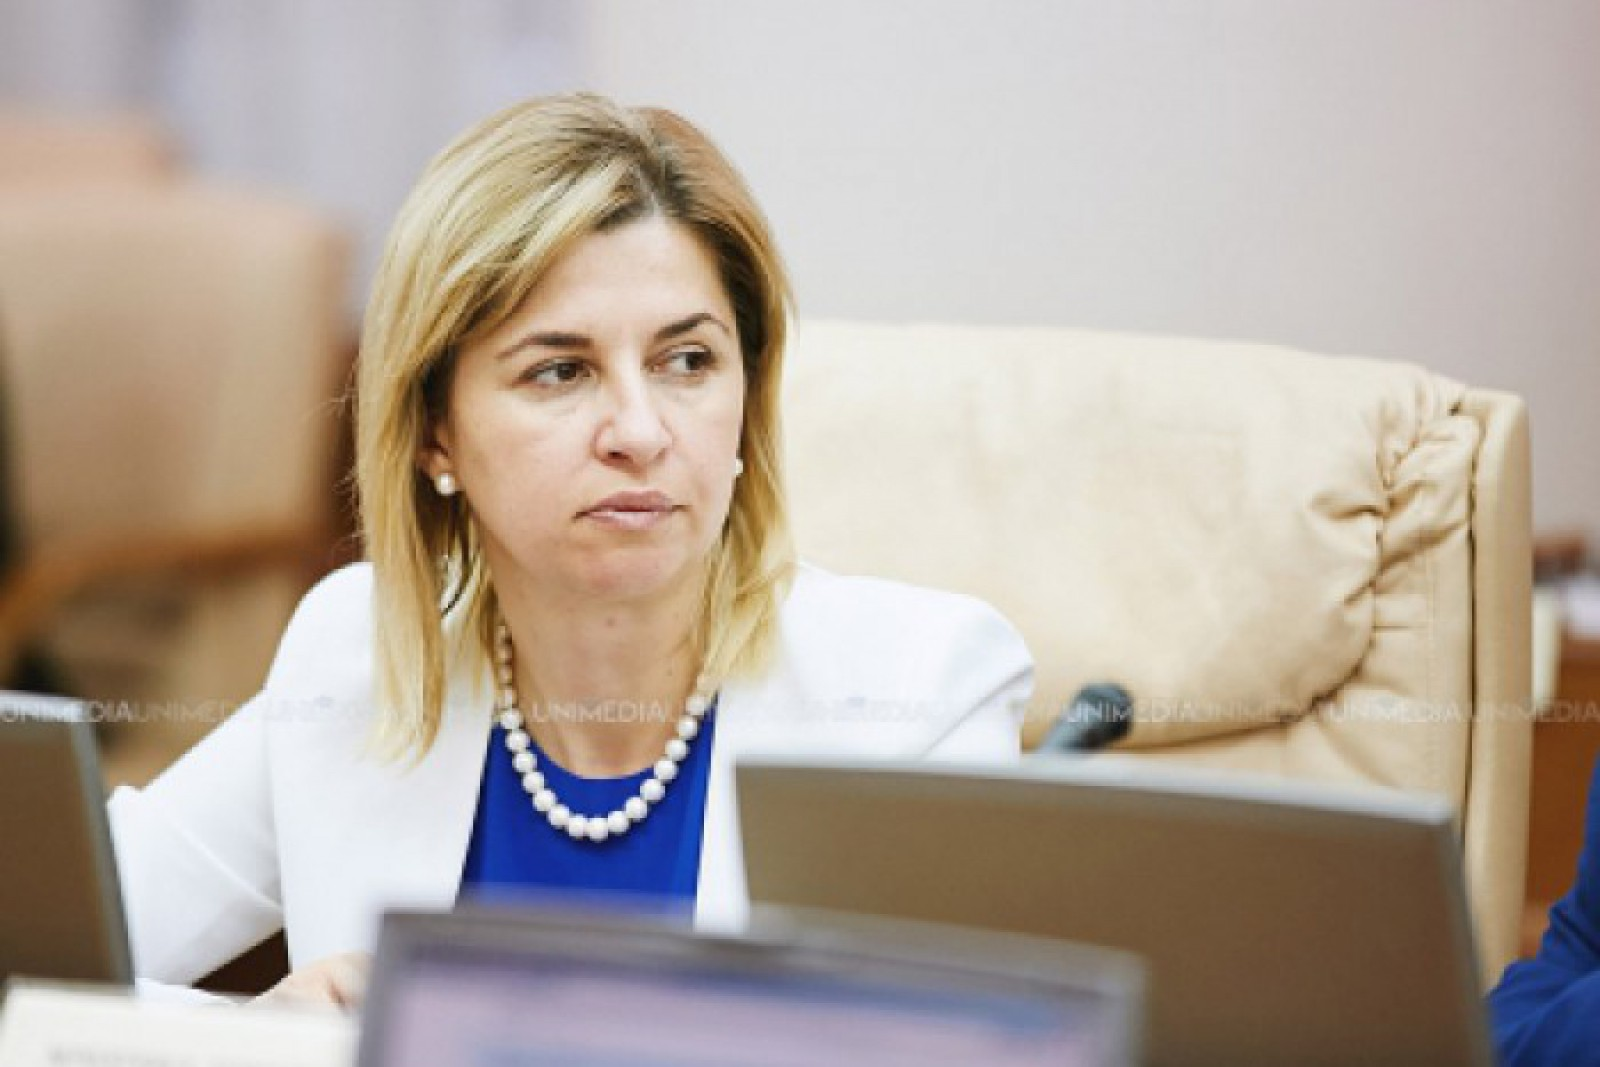 (video) Autoritățile Găgăuziei nu garantează securitatea lui Traian Băsescu, dacă acesta va vizita autonomia